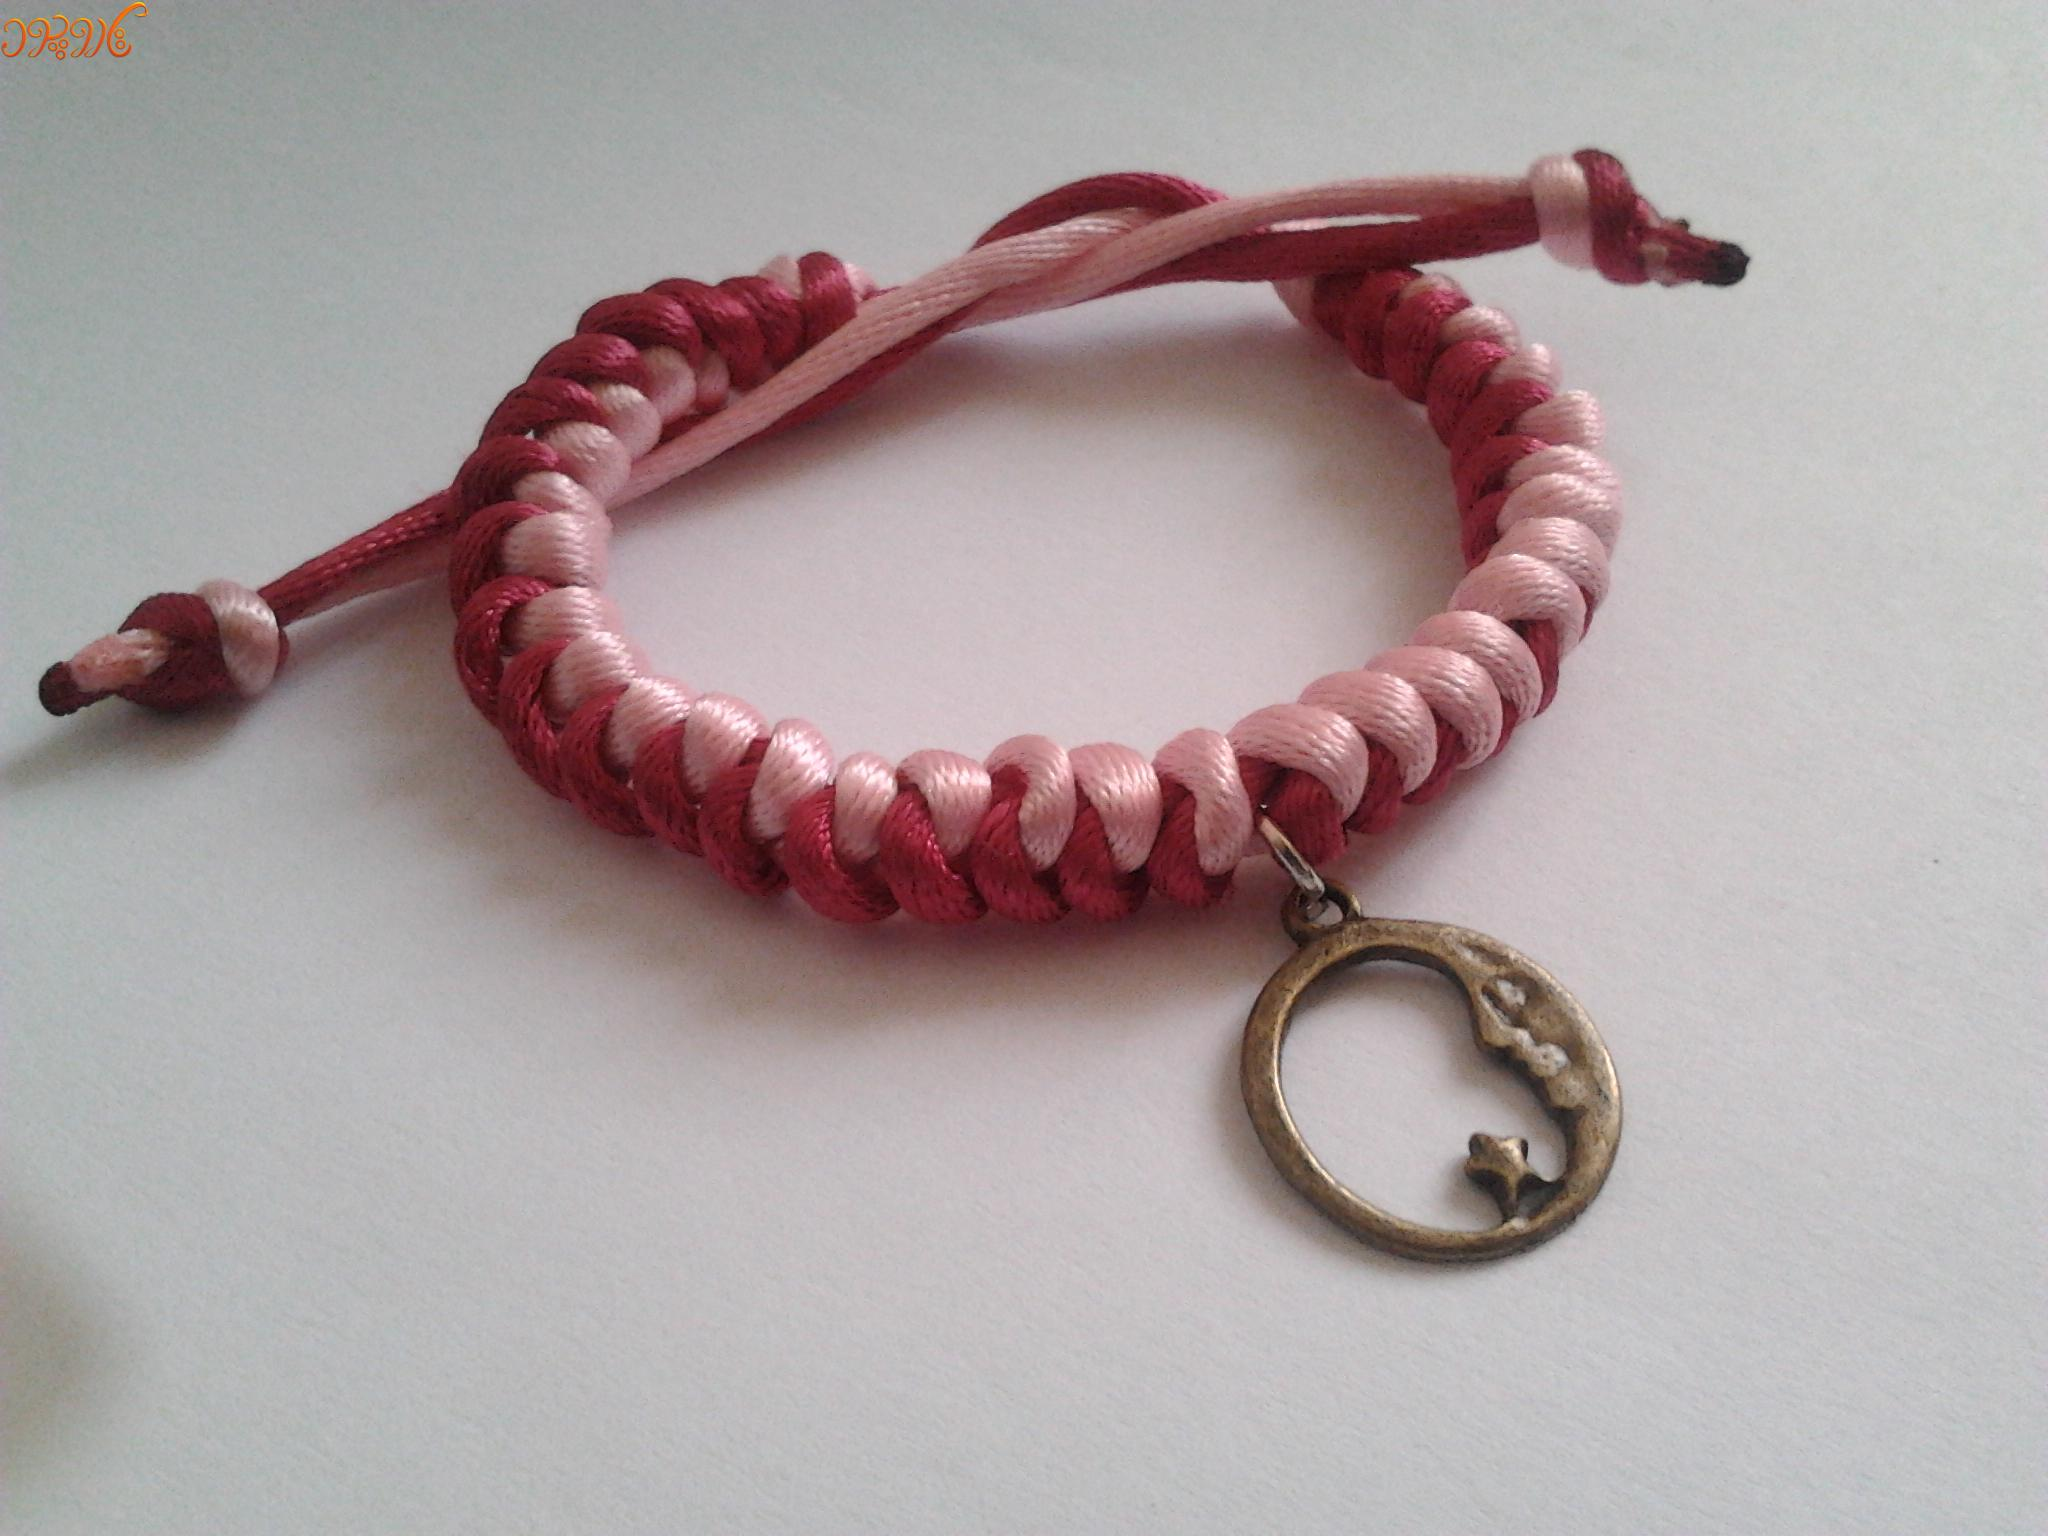 آموزش بافت دستبند پاراکورد با آویز